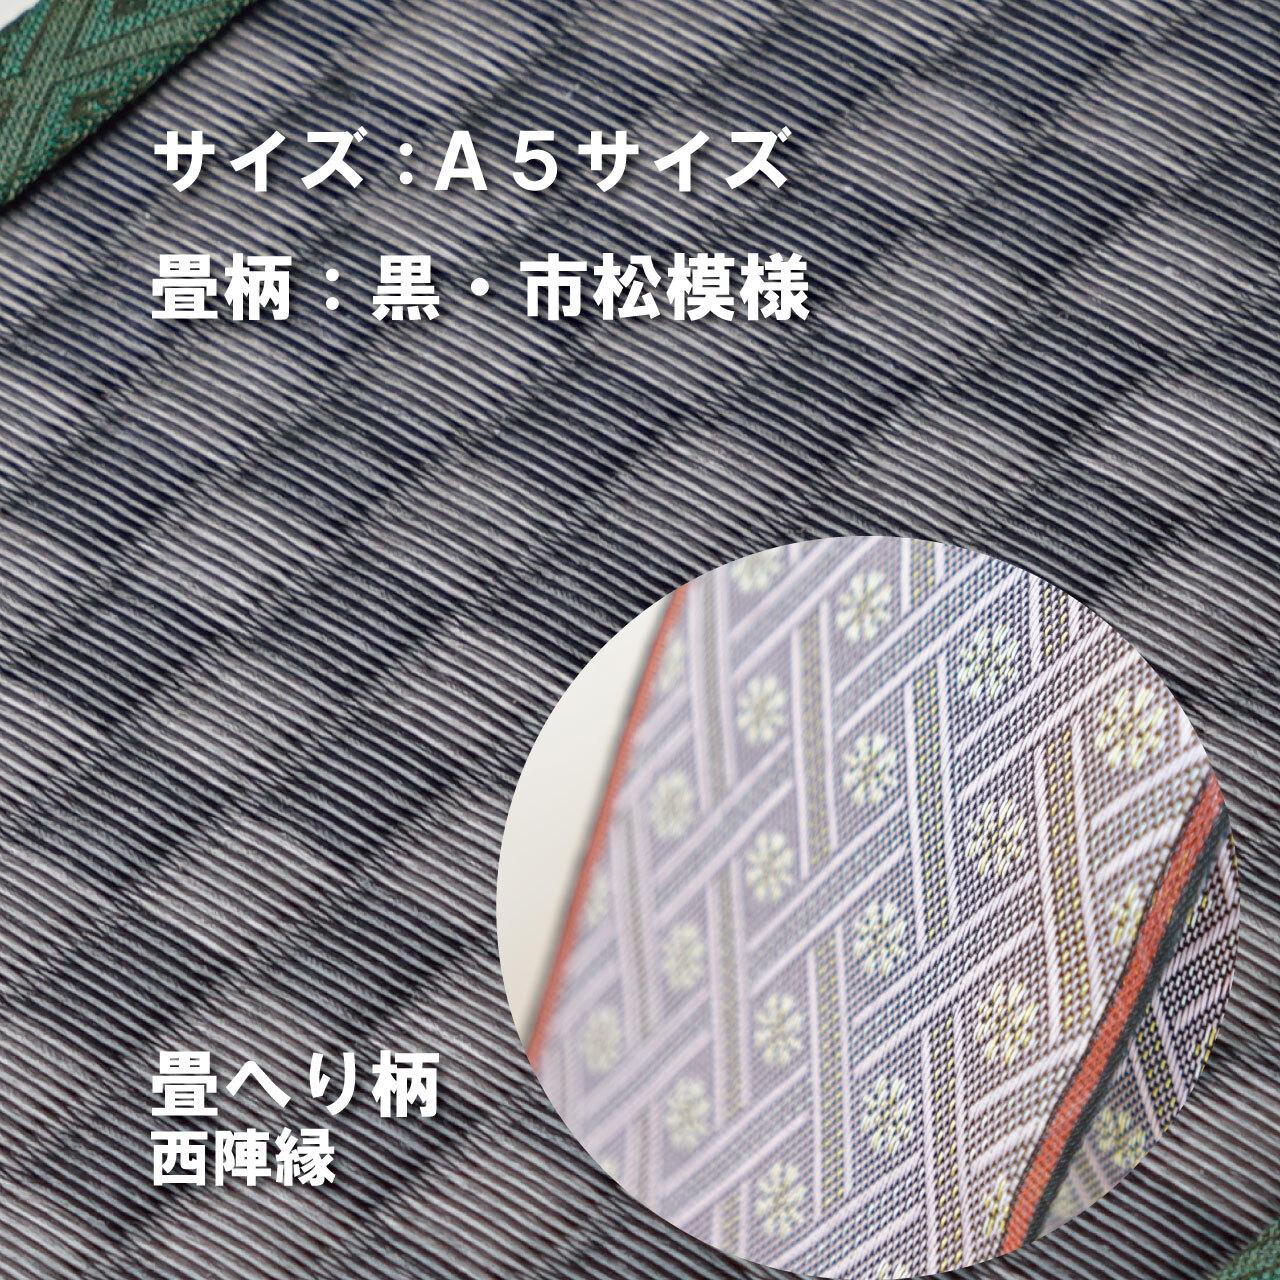 ミニ畳台 フィギア台や小物置きに♪ A5サイズ 畳:黒市松 縁の柄:西陣縁 A5BM002